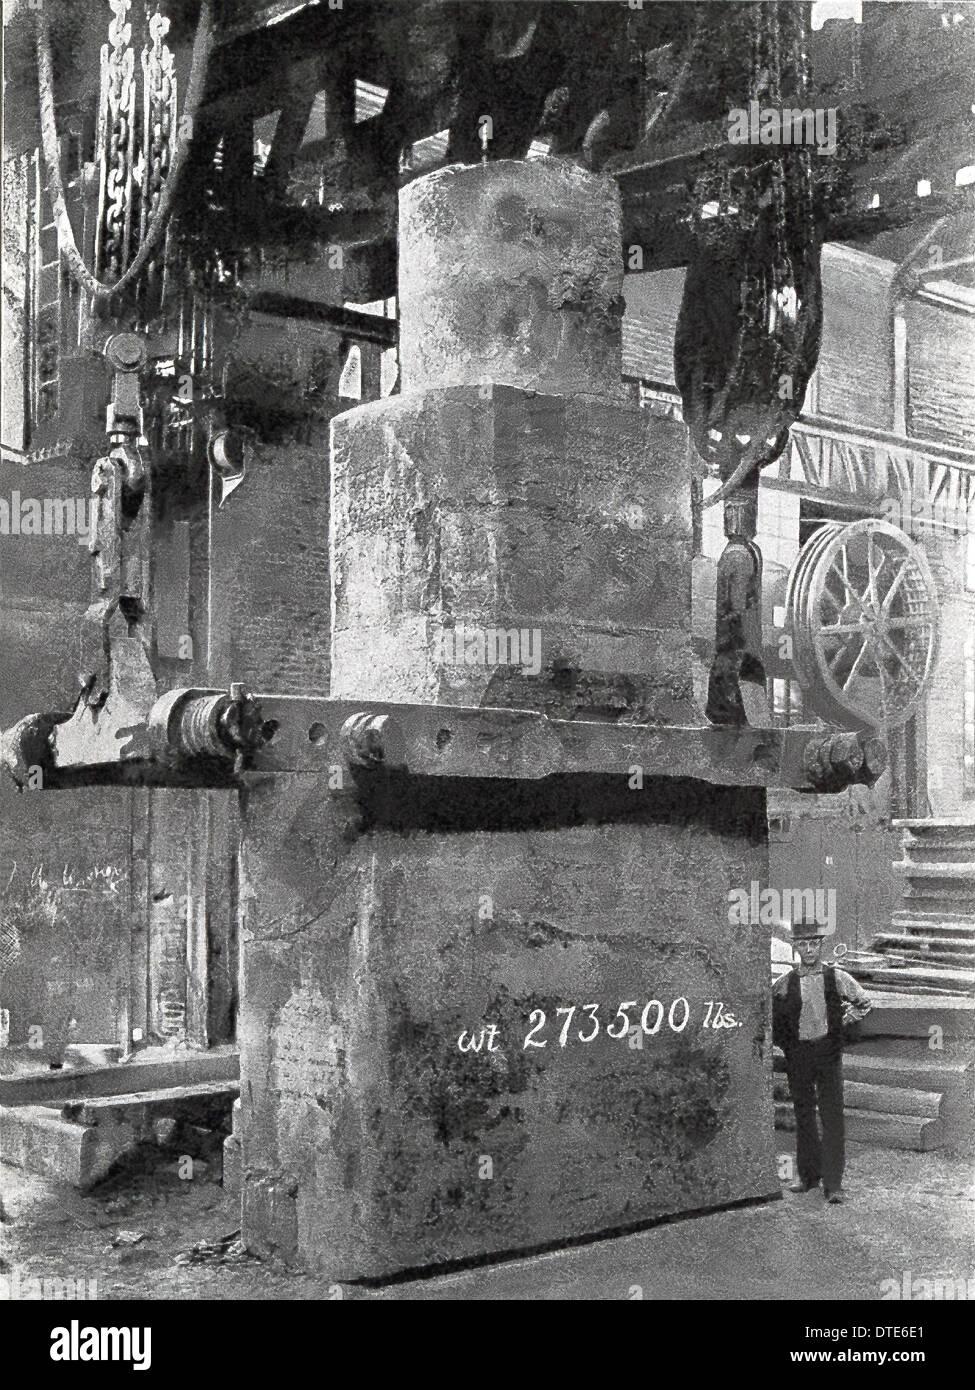 Questa 1901 foto mostra un acciaio al nichel piastra armor lingotto cast per la piastra di apertura degli Stati Uniti battaglia navale Iowa. Immagini Stock